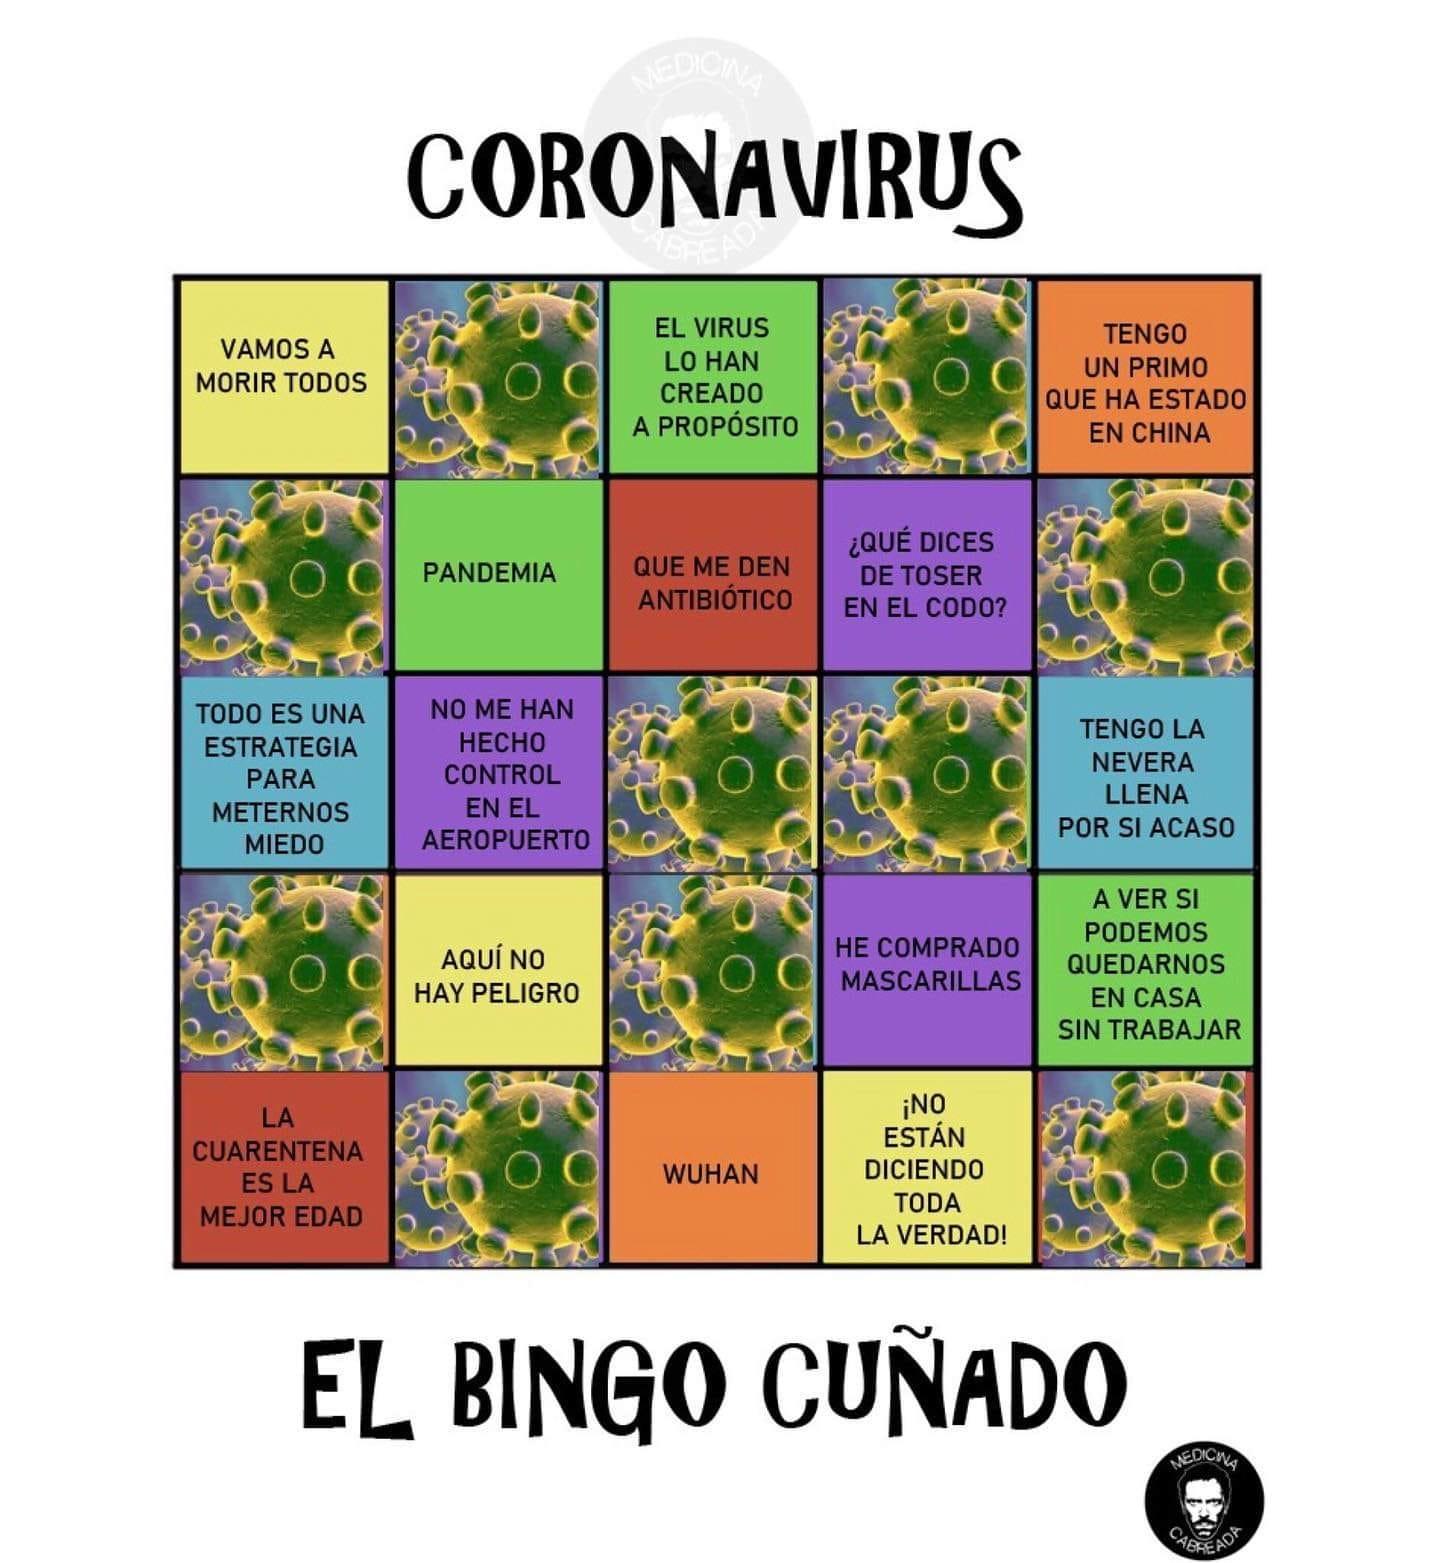 El Bingo Cuñado del Coronavirus